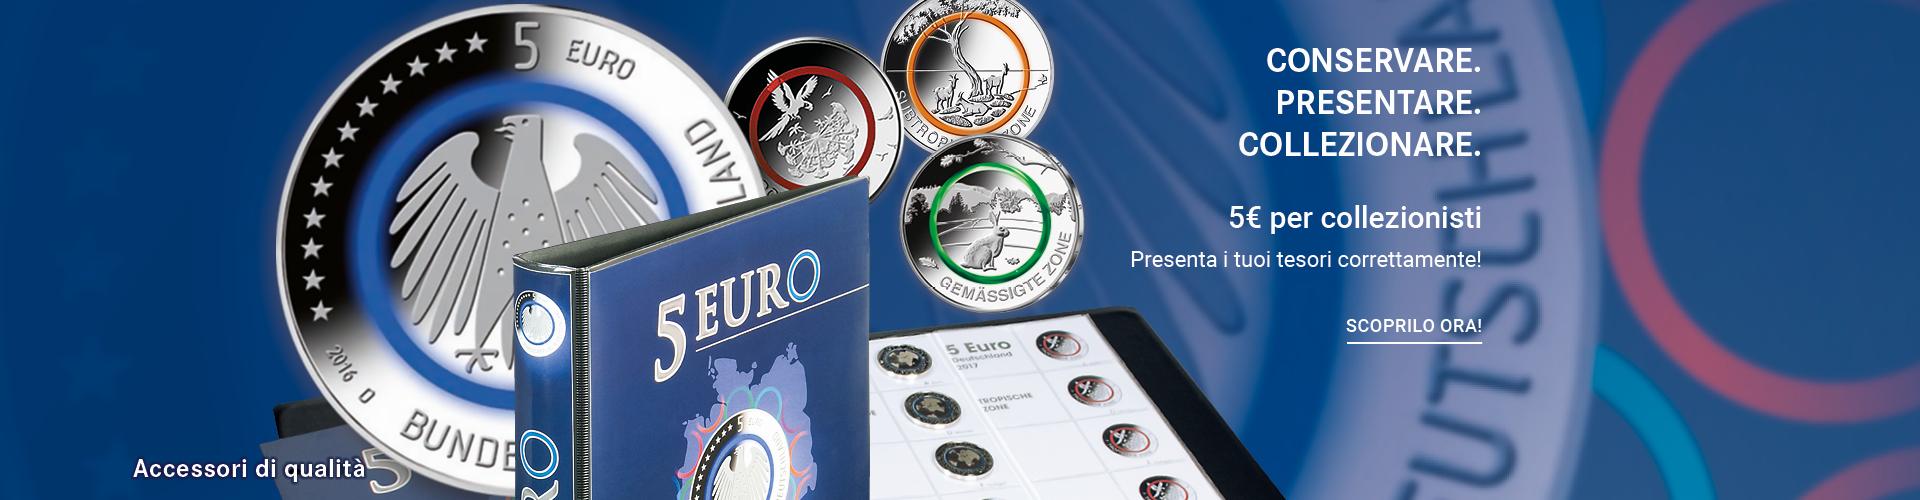 5 EURO PER I COLLEZIONISTI CON ANELLO POLIMERICO